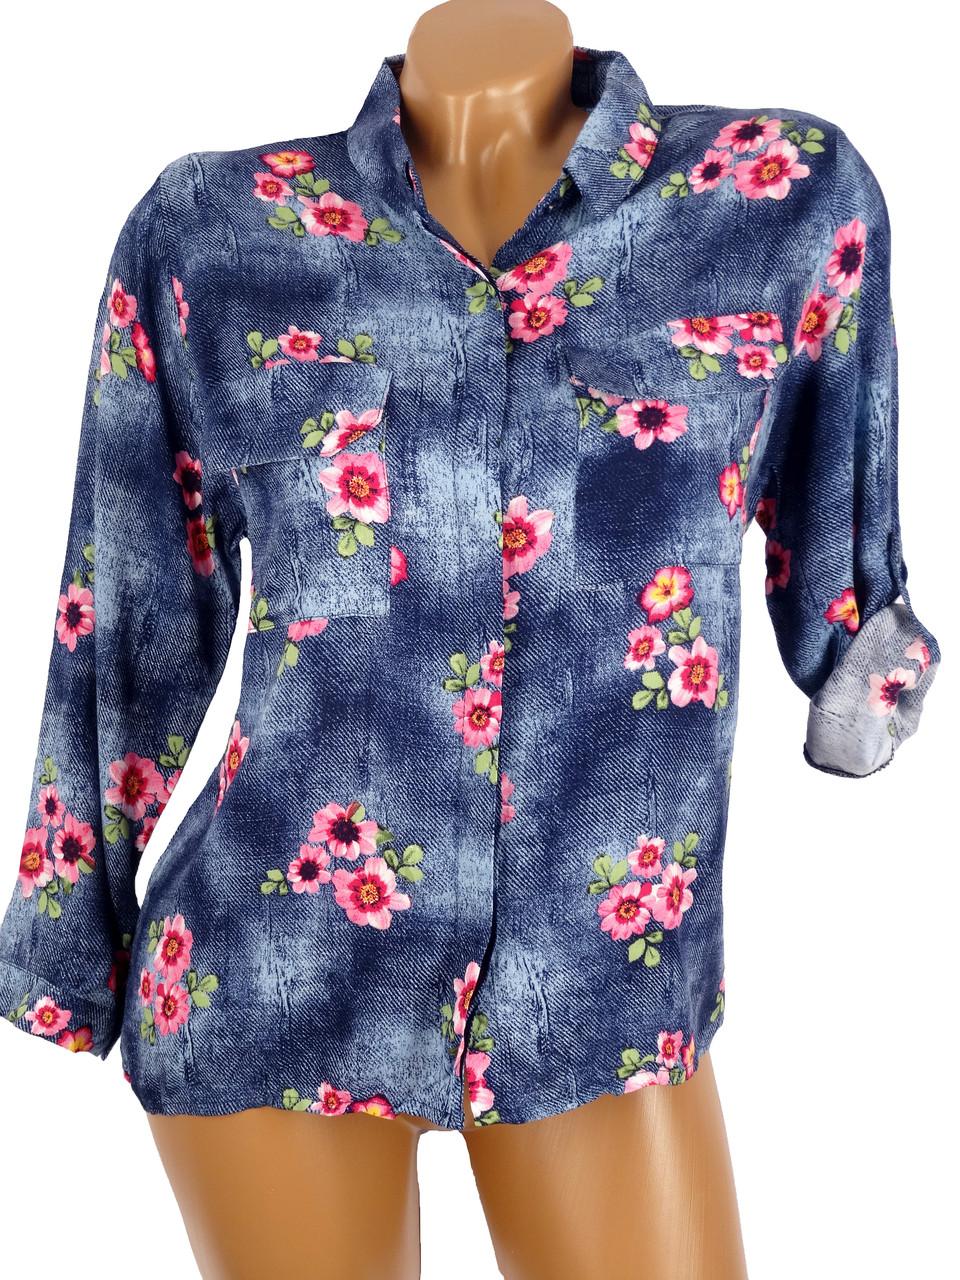 Свободная рубашка с цветочным принтом (в расцветках 38, 44)